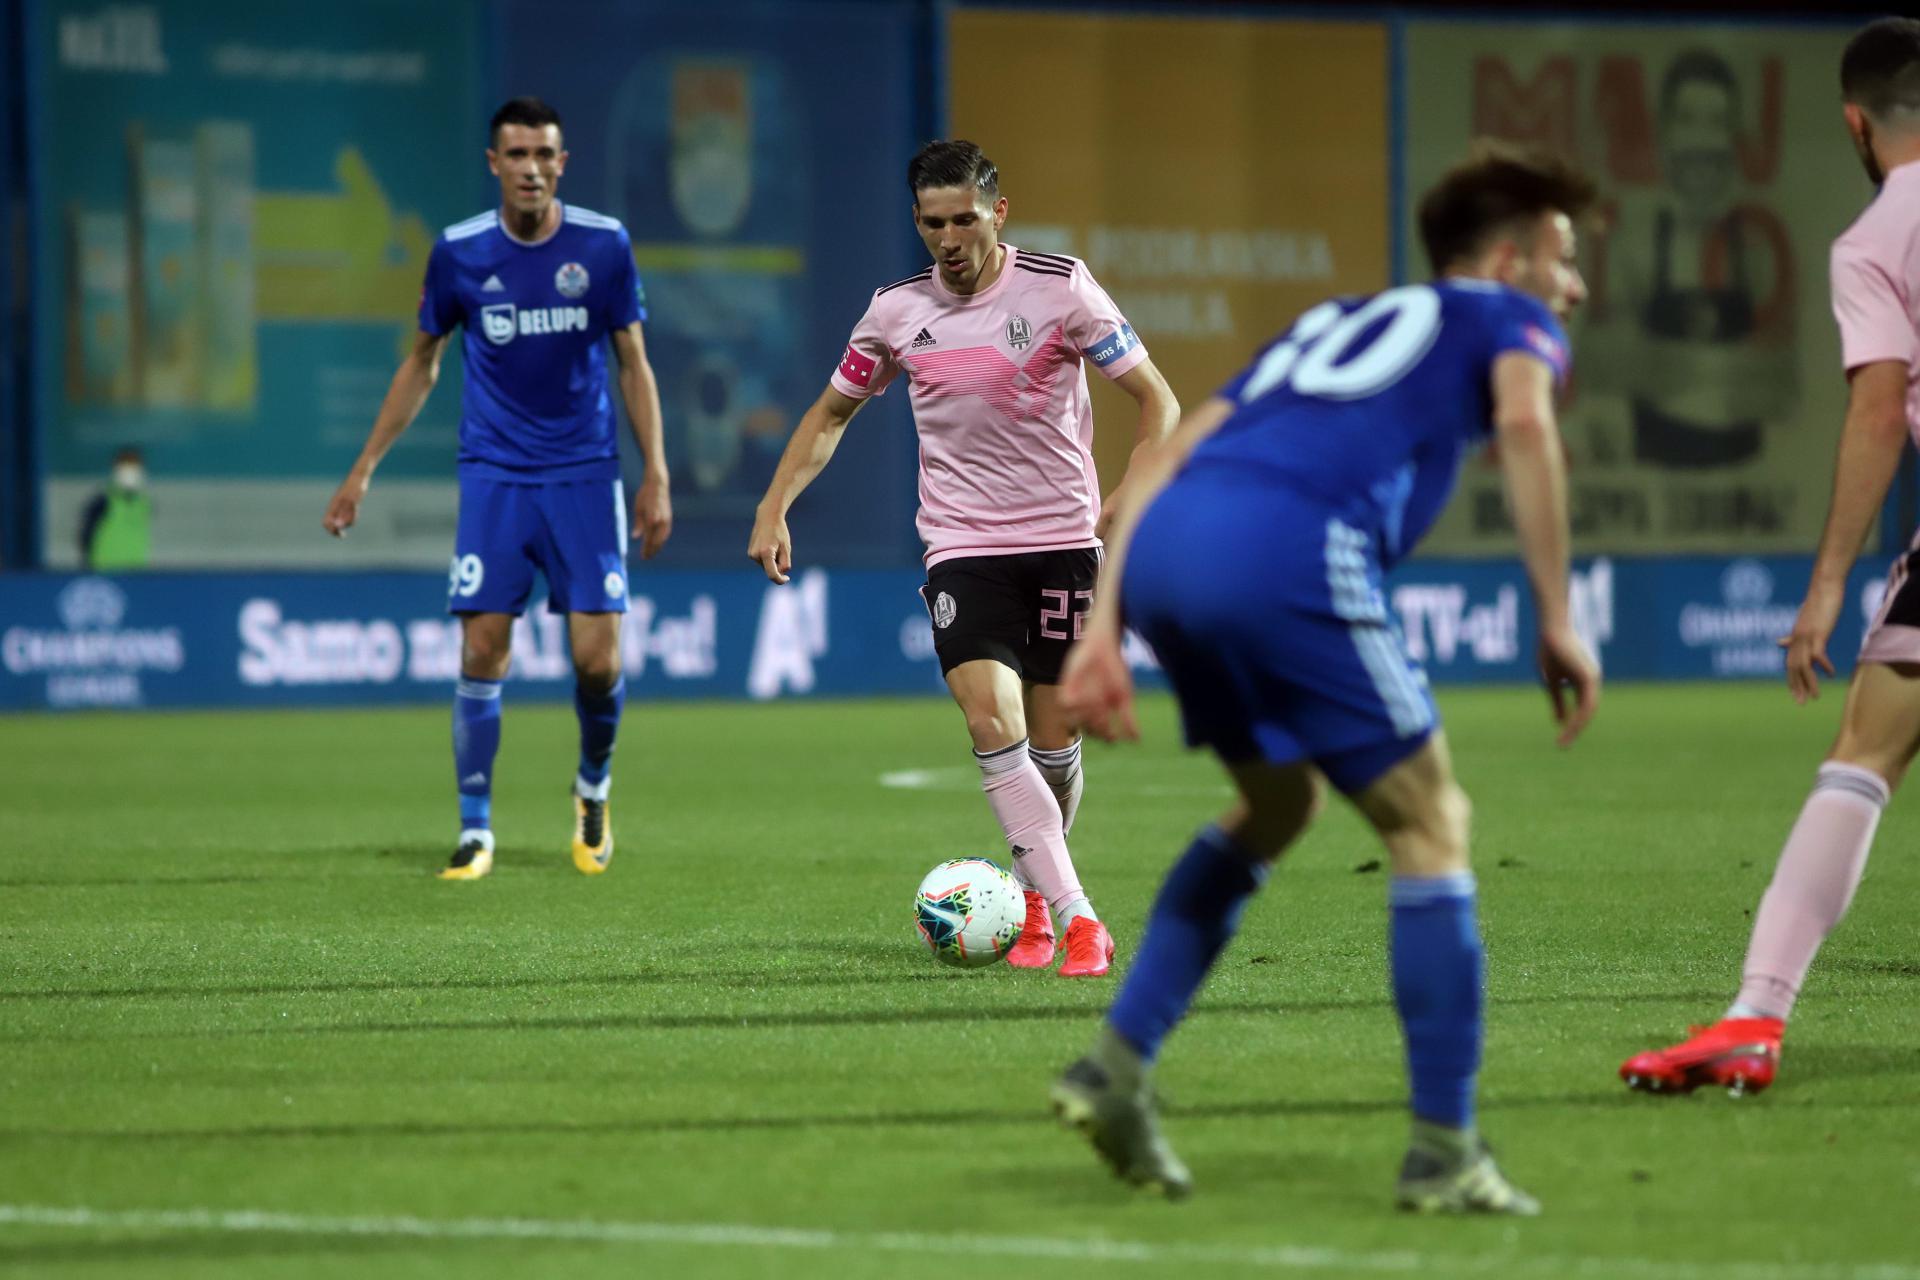 Nogomet se vratio na hrvatske travnjake: Lokomotiva briljatnom izvedbom u drugom poluvremenu izborila finale Kupa